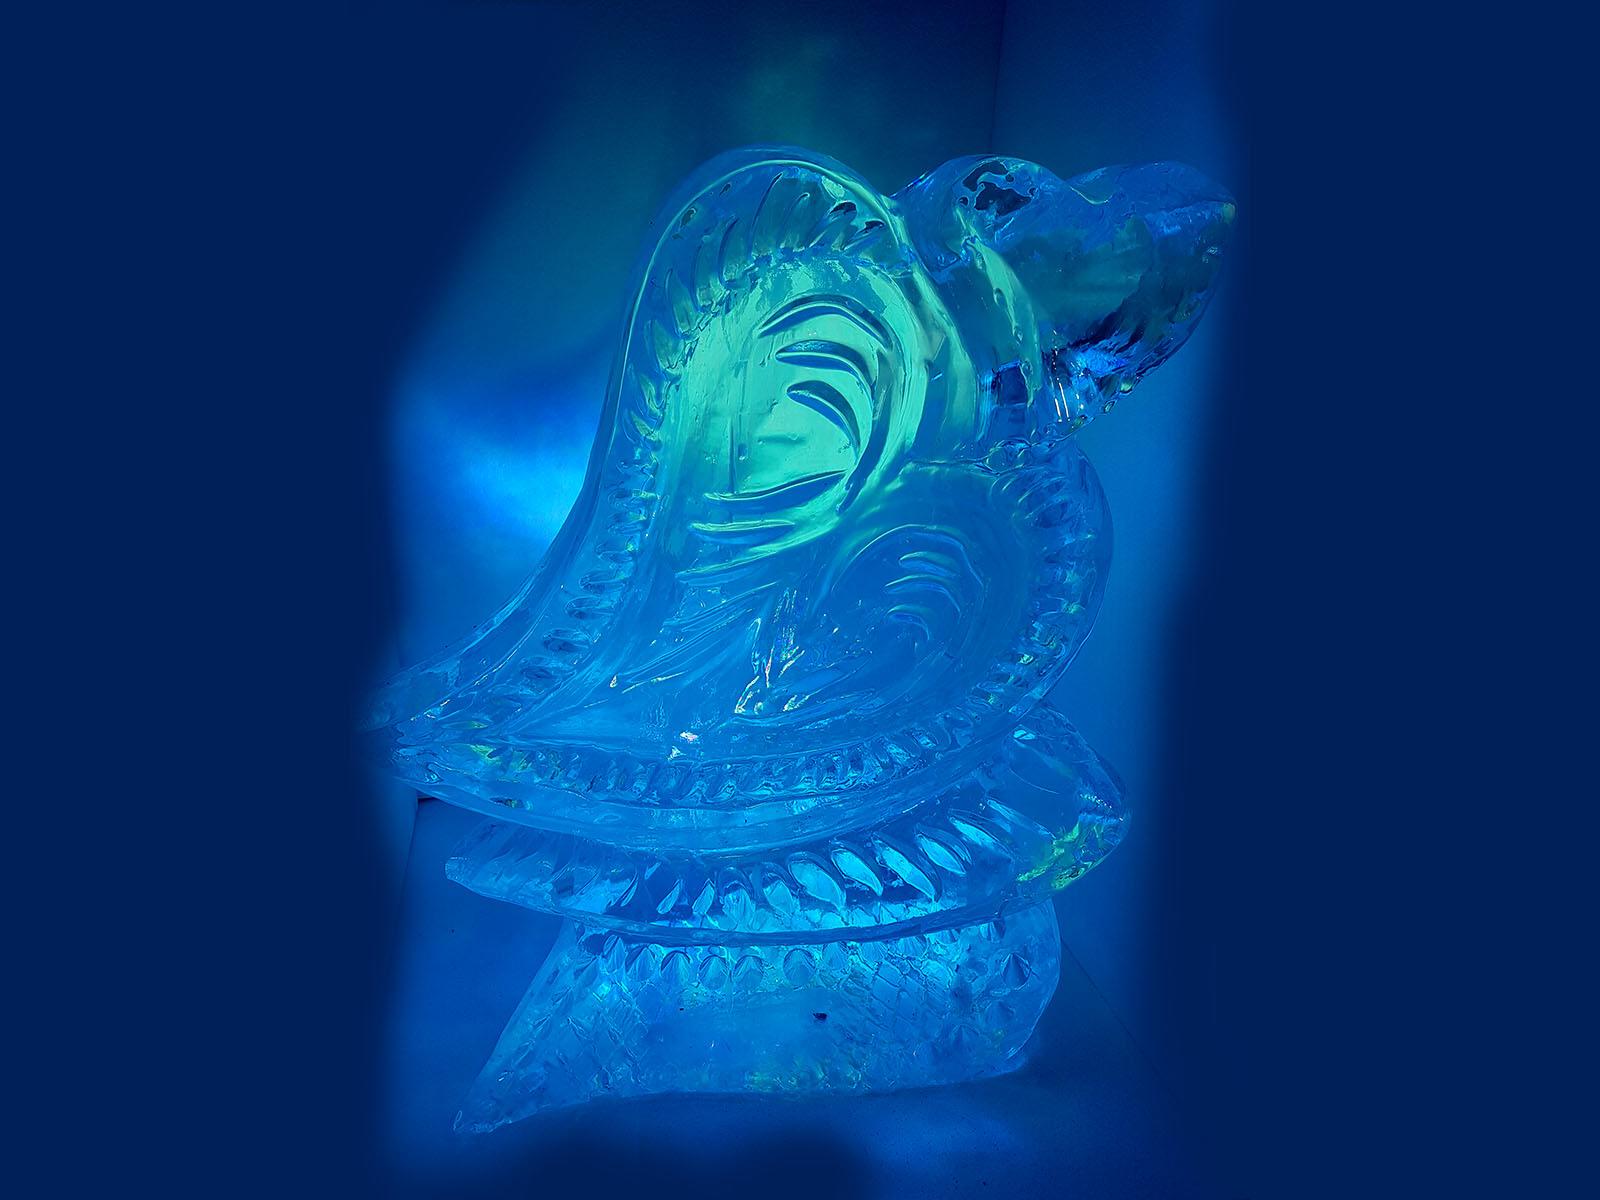 heart ice luge - Ghiaccio d'Arte